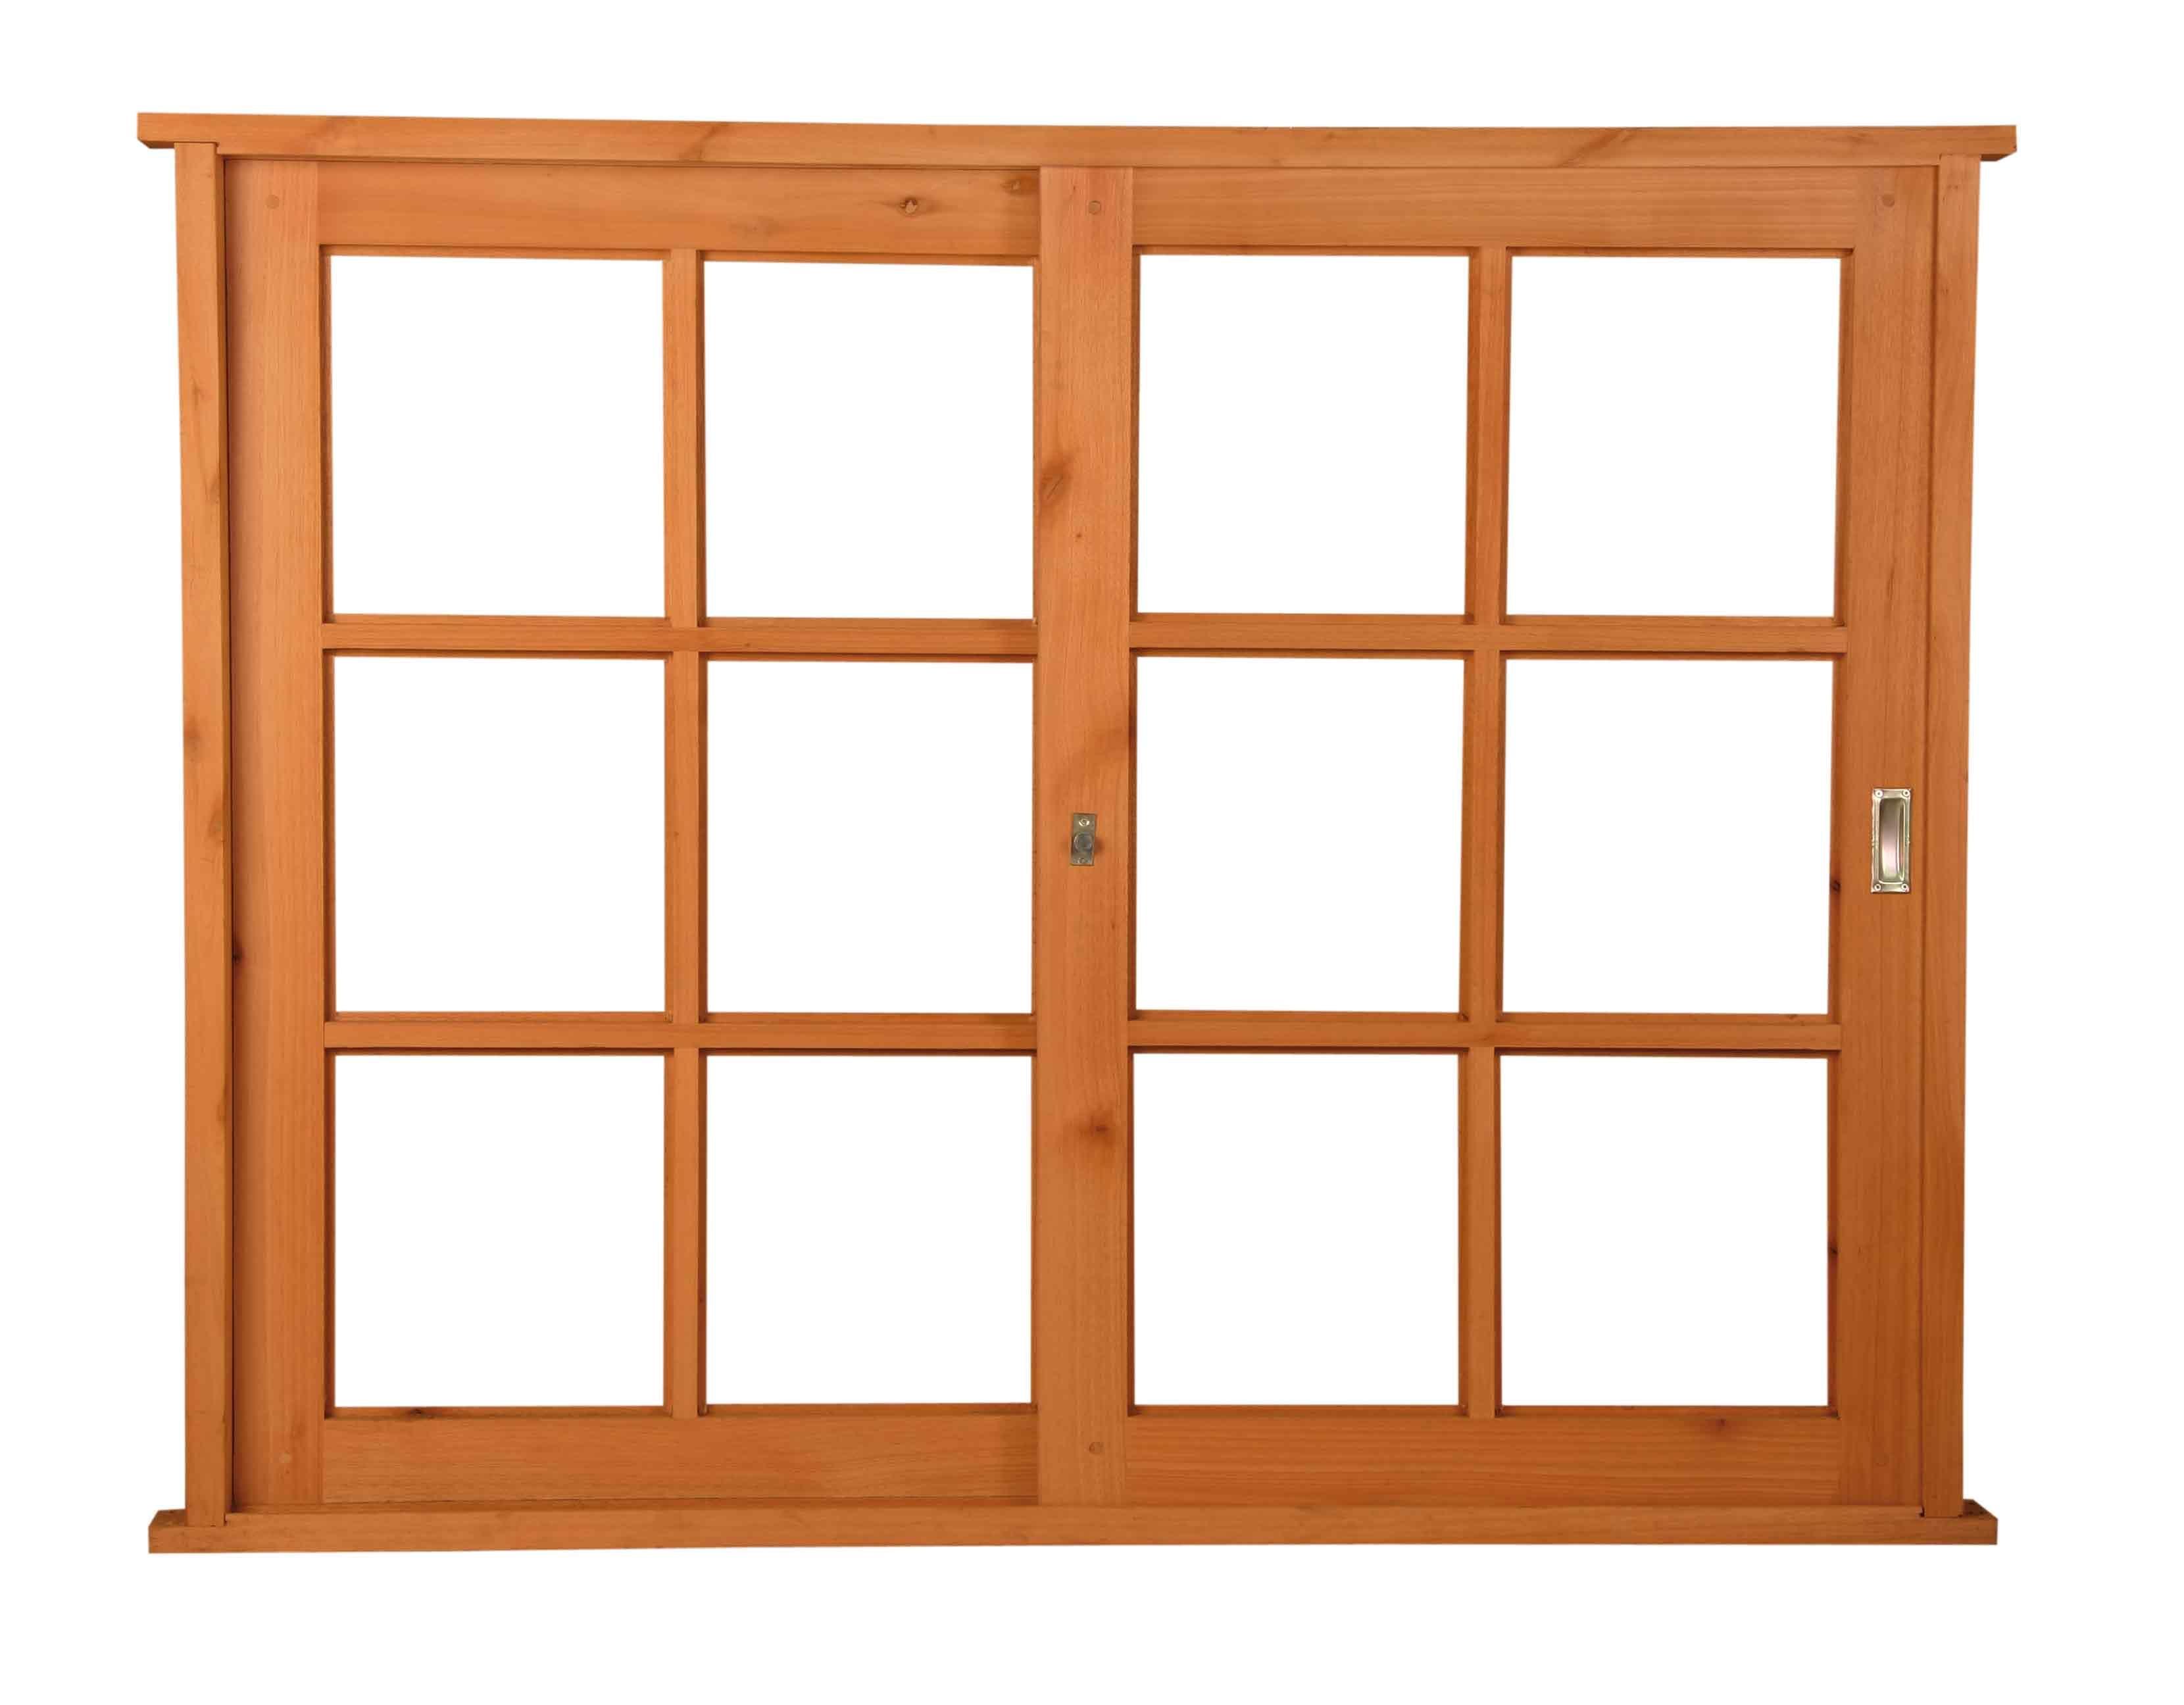 Rc aberturas proyectos que debo intentar pinterest for Pintar ventanas de madera exterior